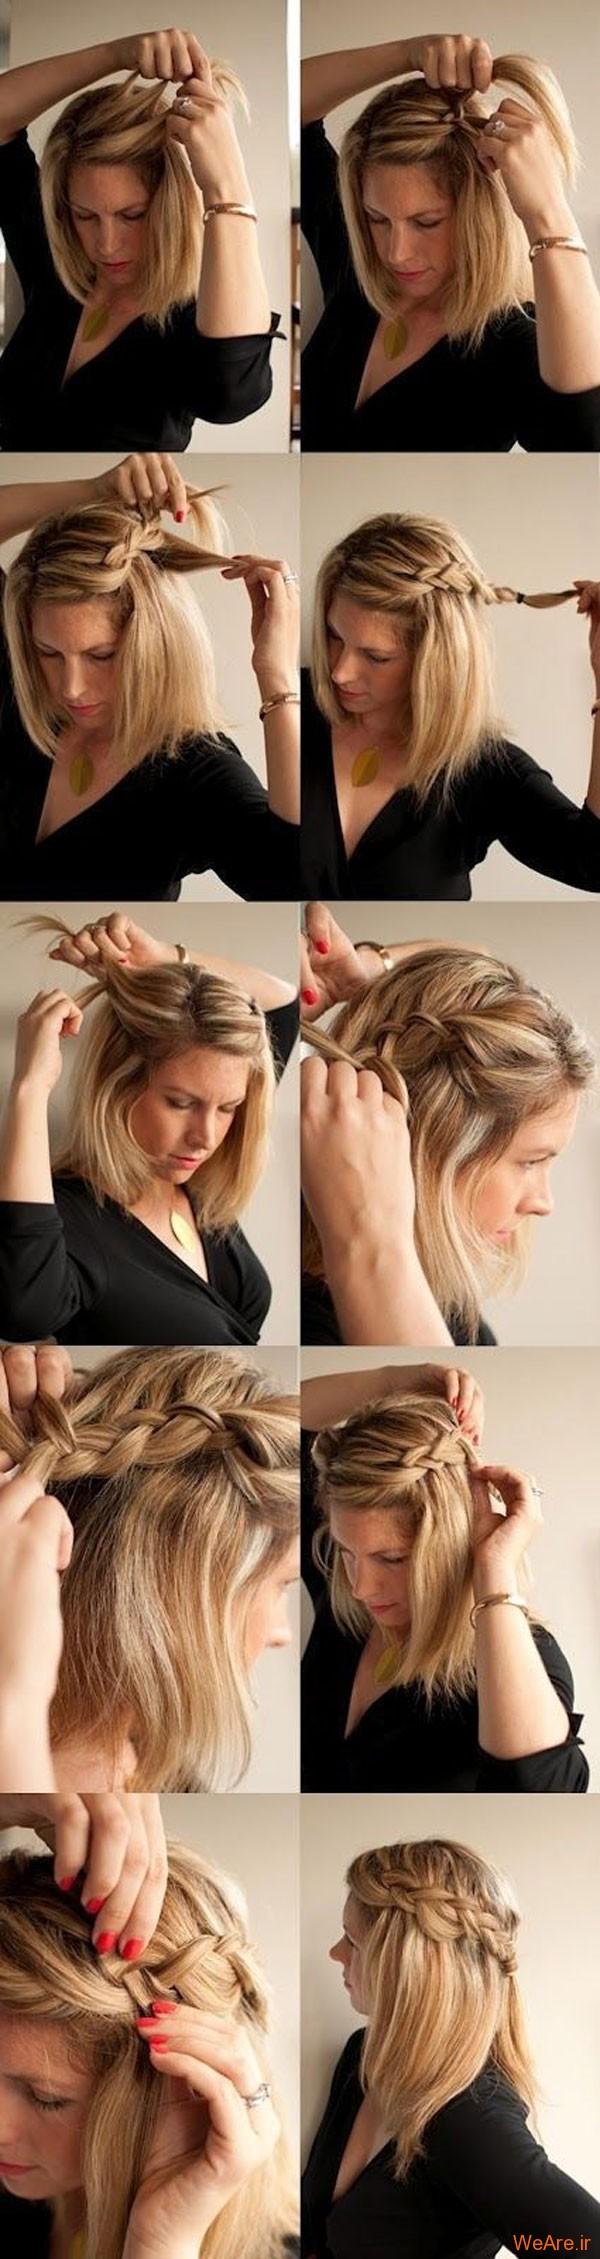 روش های بستن مو (15)